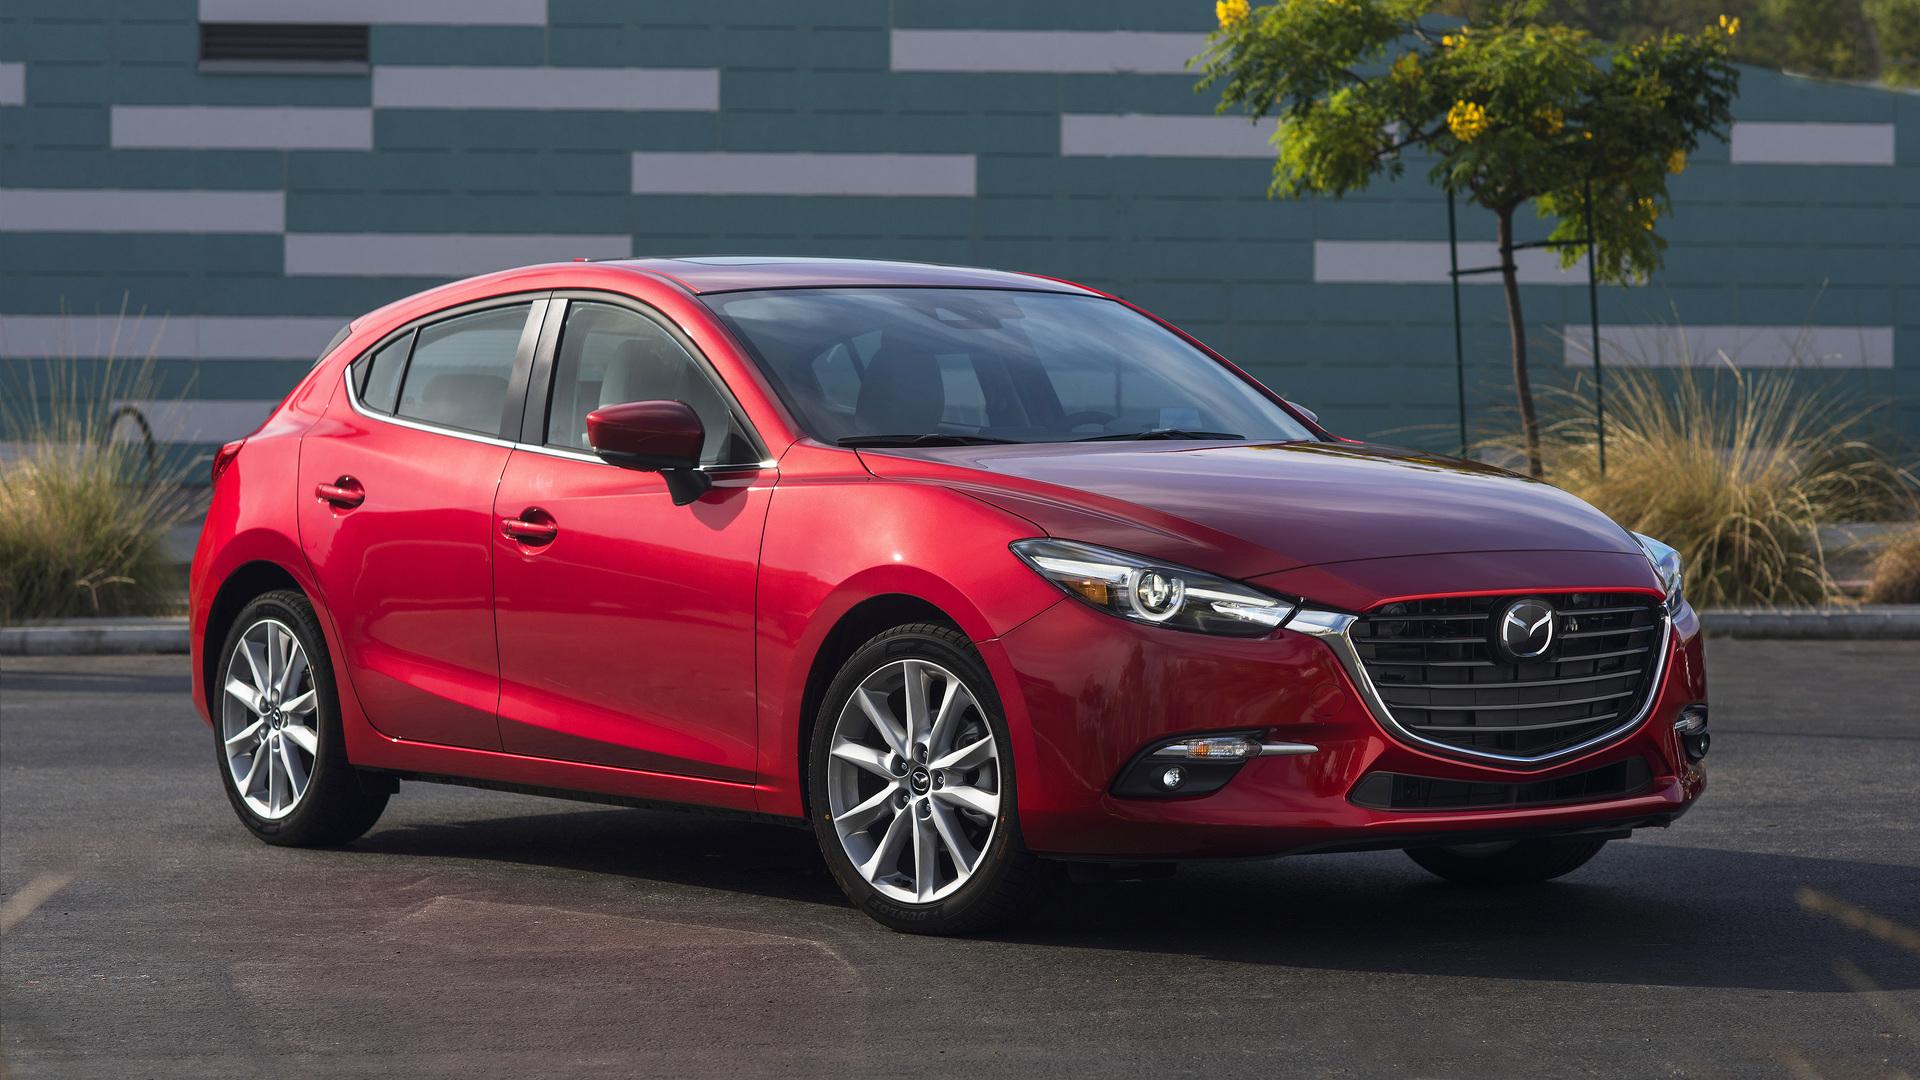 Kelebihan Kekurangan Mazda 3 2018 Tangguh